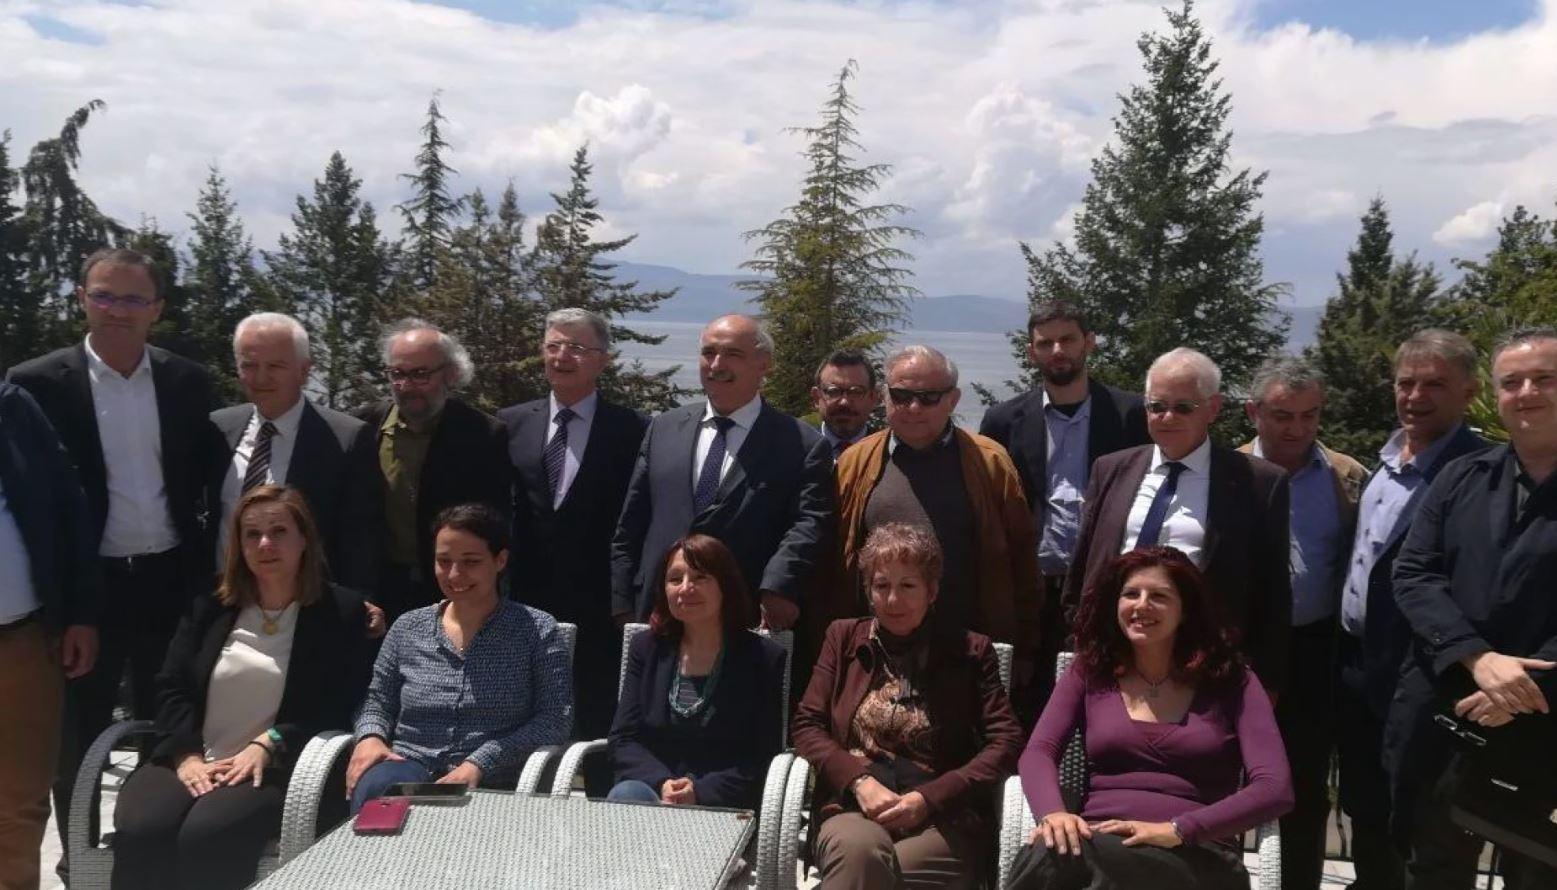 Makedonski i grčki eksperti u Ohridu razgovarali o pitanjima istorije, obrazovanja i arheologije